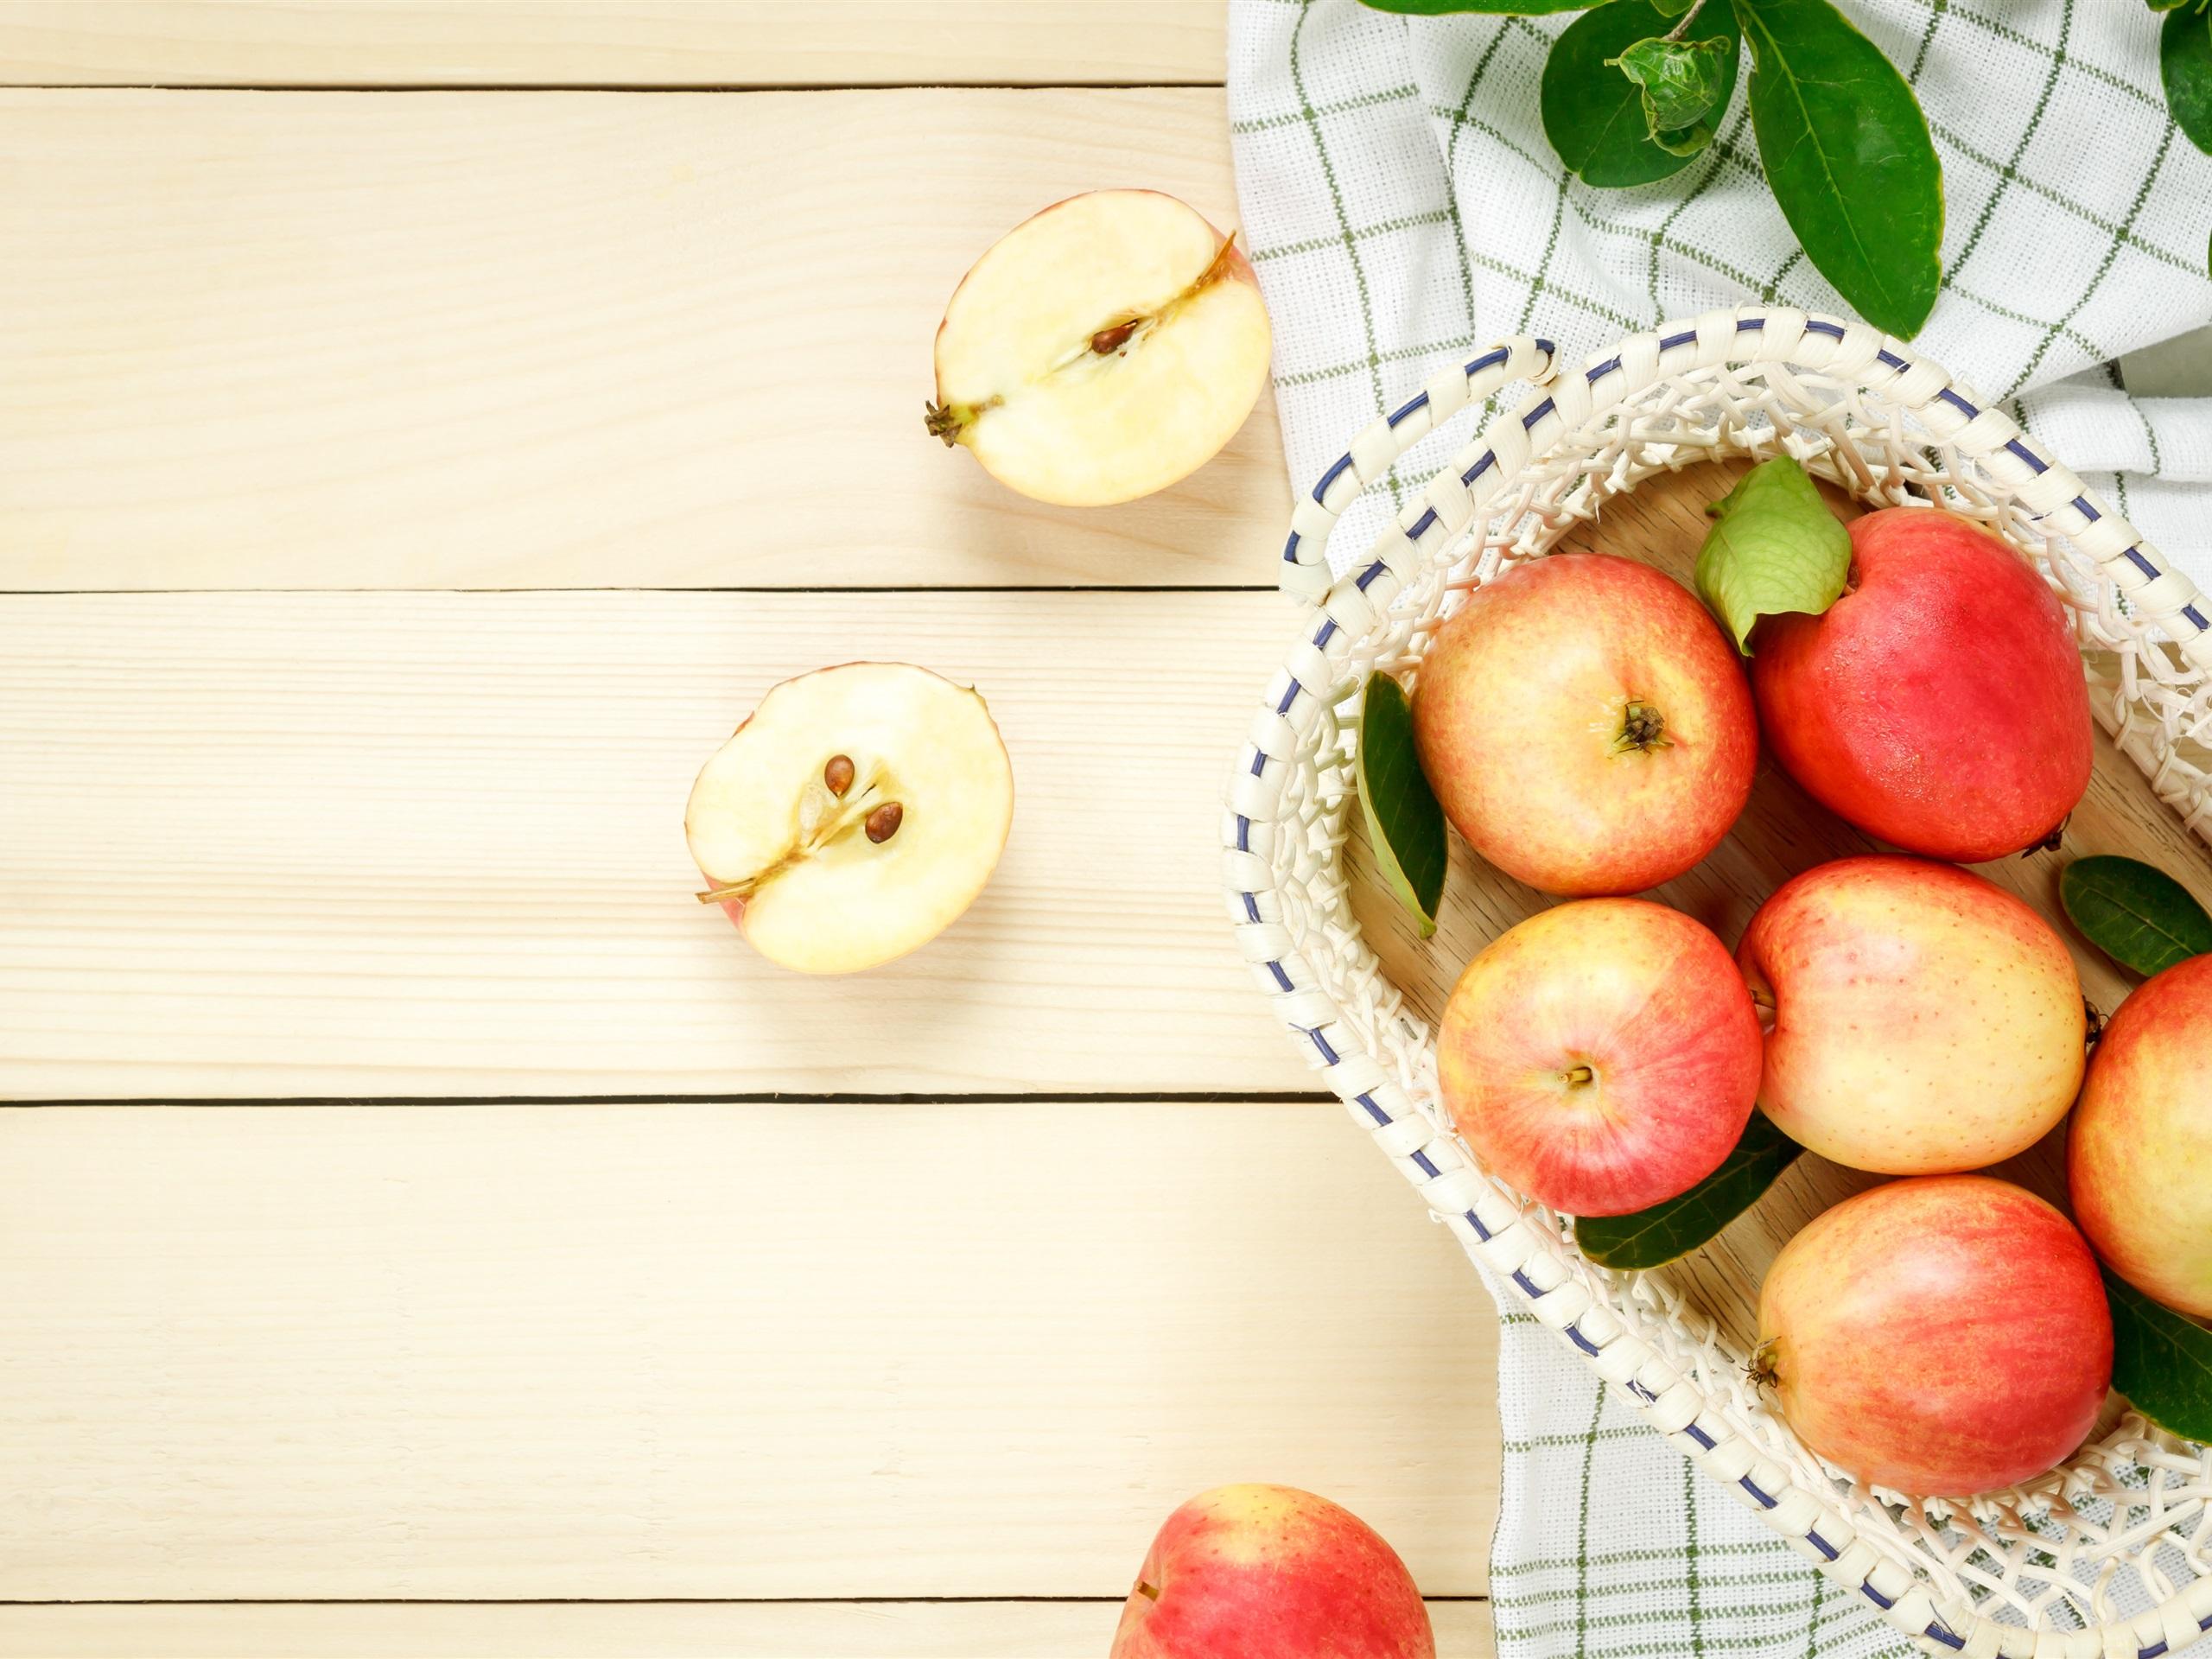 Foodesign Fresh Fruit Basket: Red Apples, Fresh Fruit, Basket 1125x2436 IPhone XS/X